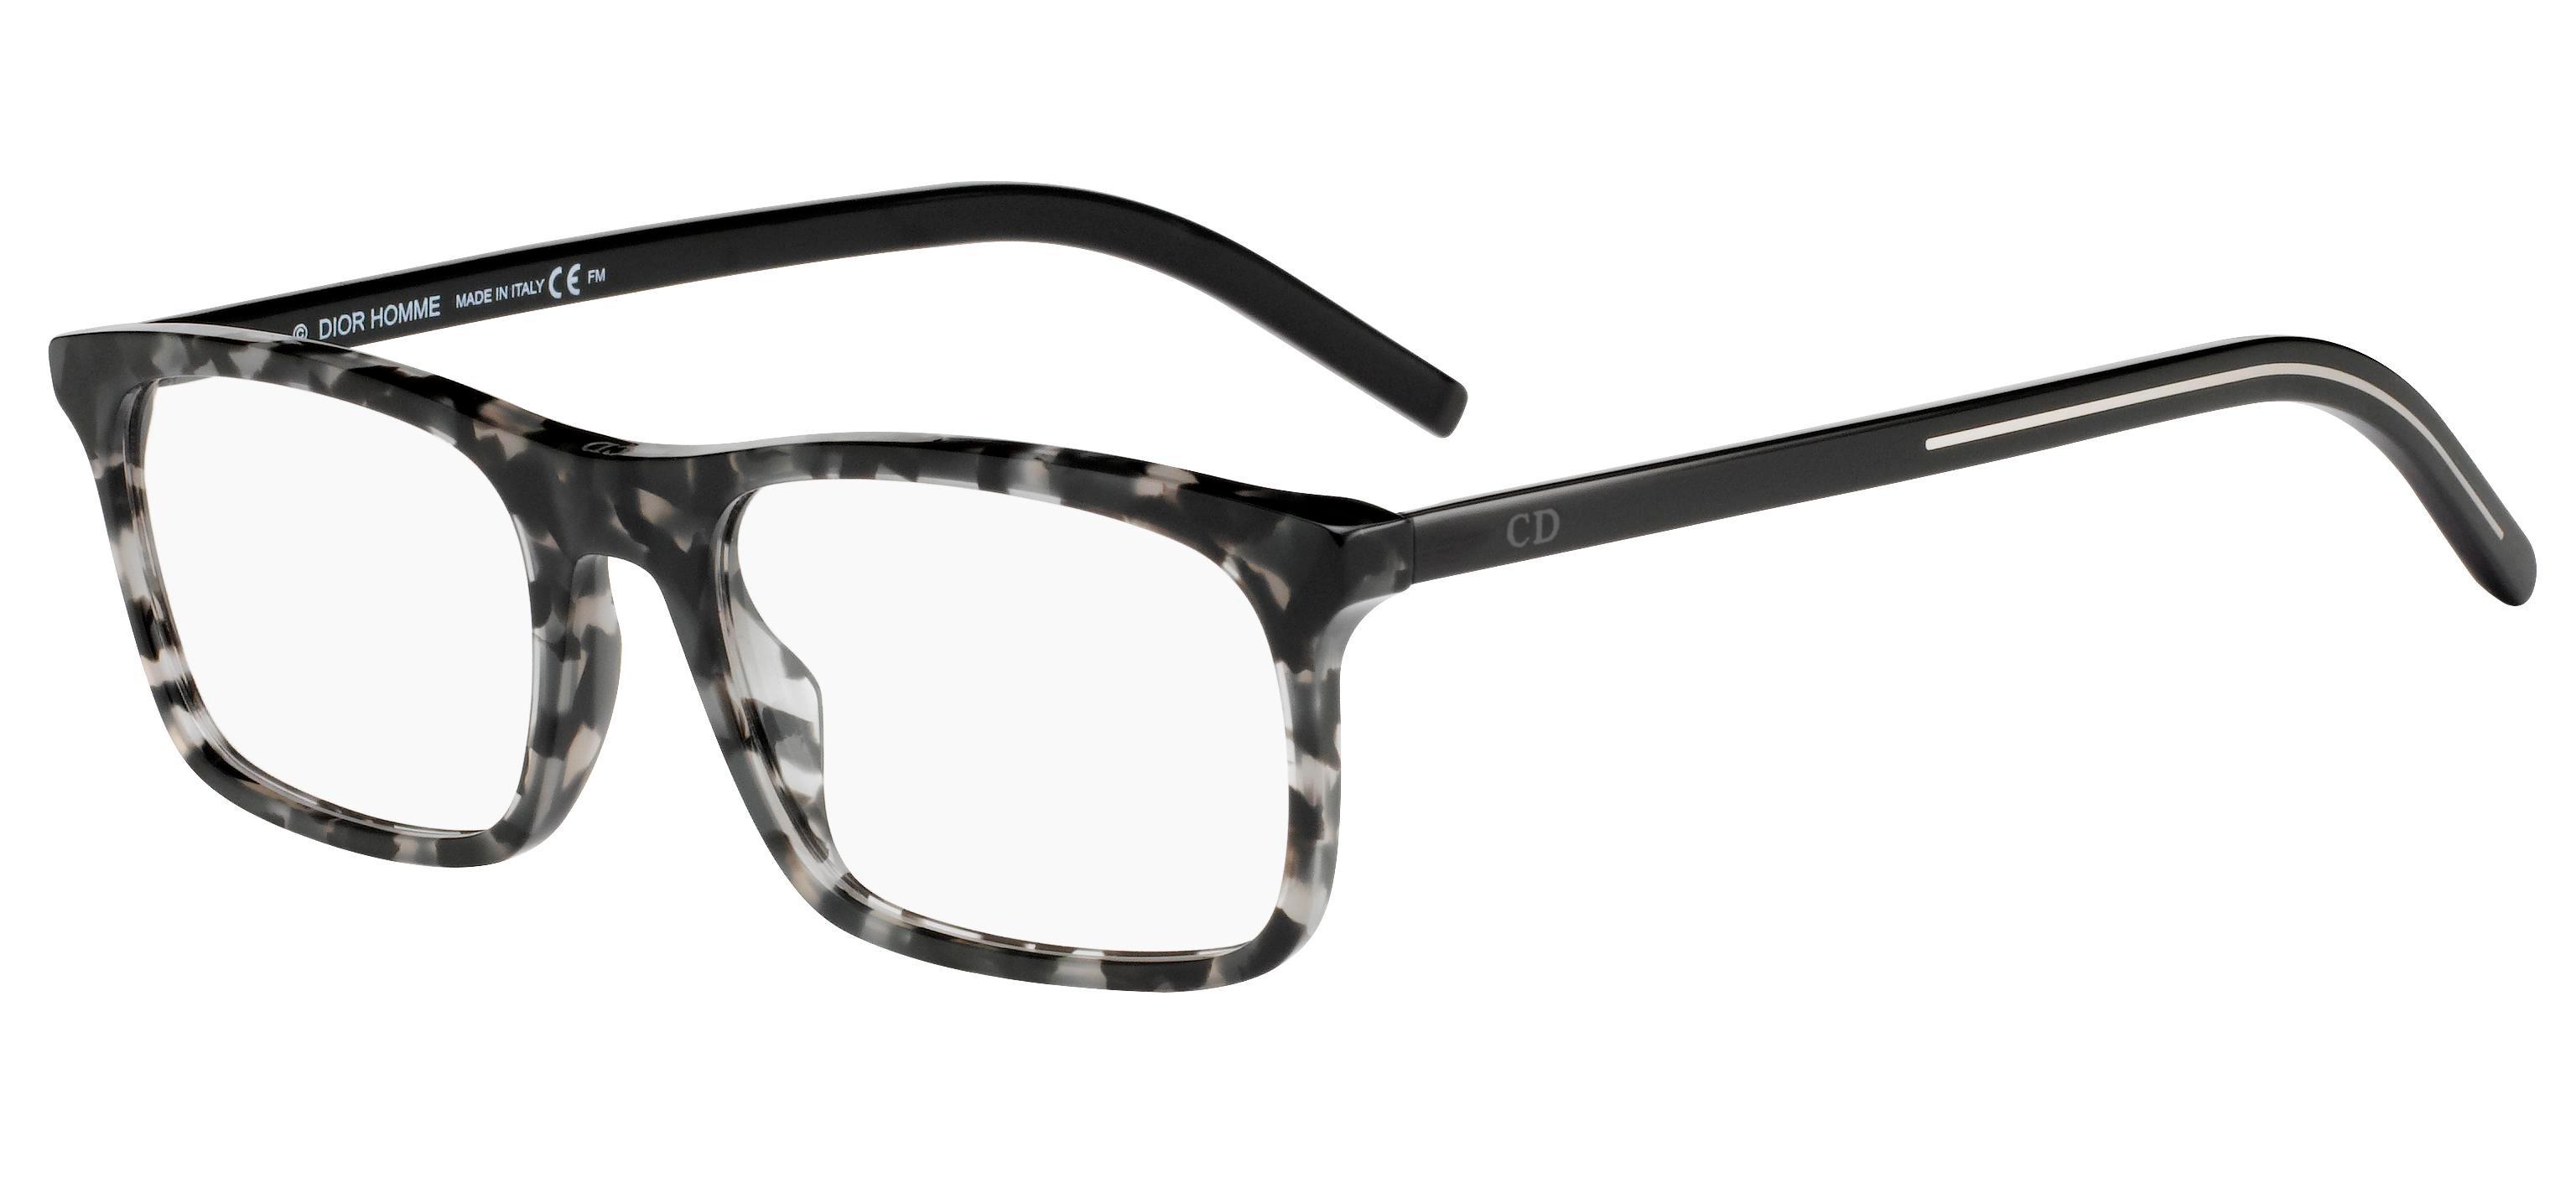 Dior brillen BLACK TIE 235